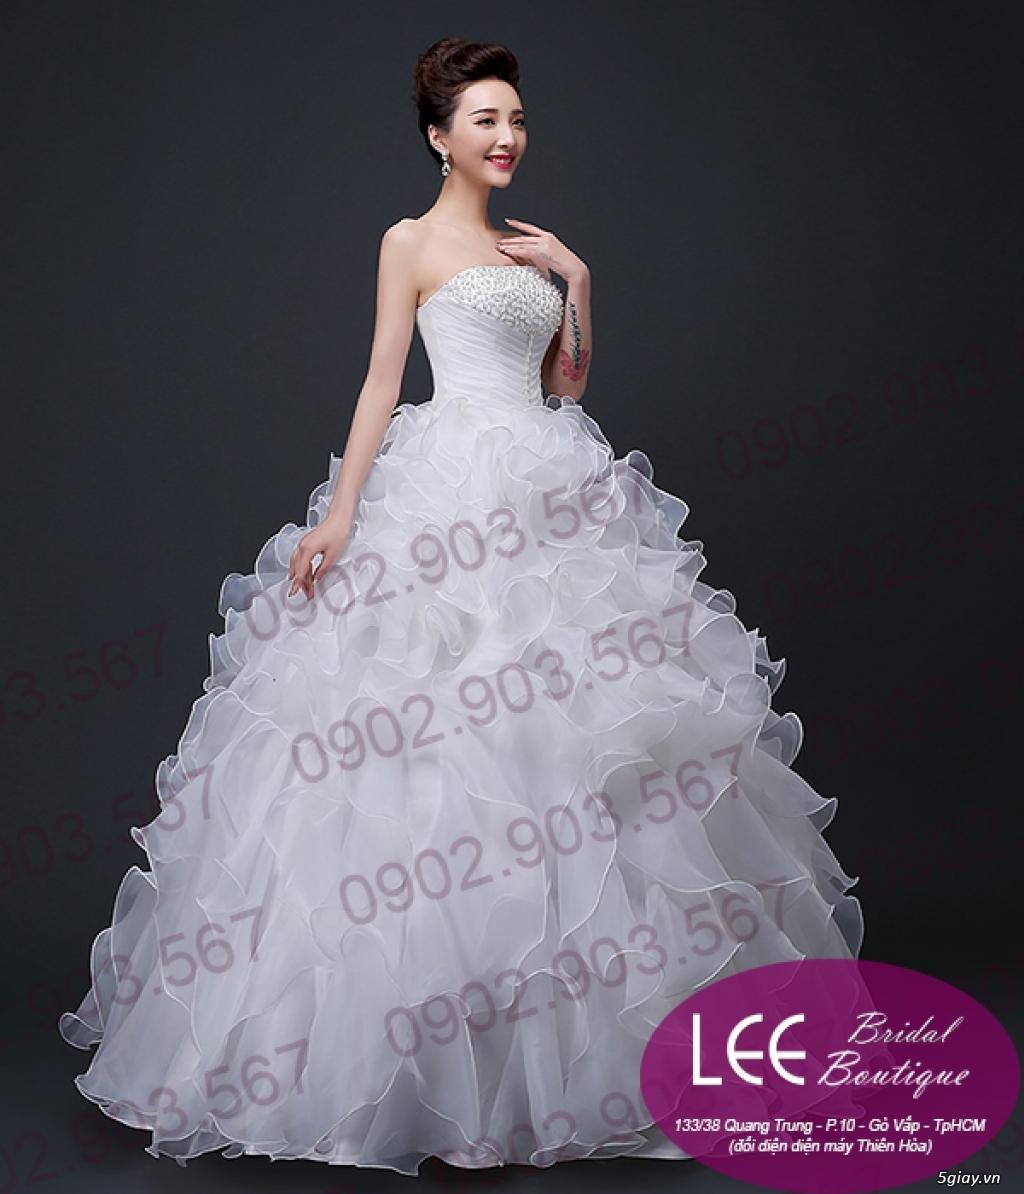 LEE Bridal Boutique - Chuyên áo cưới nhập khẩu giá sỉ